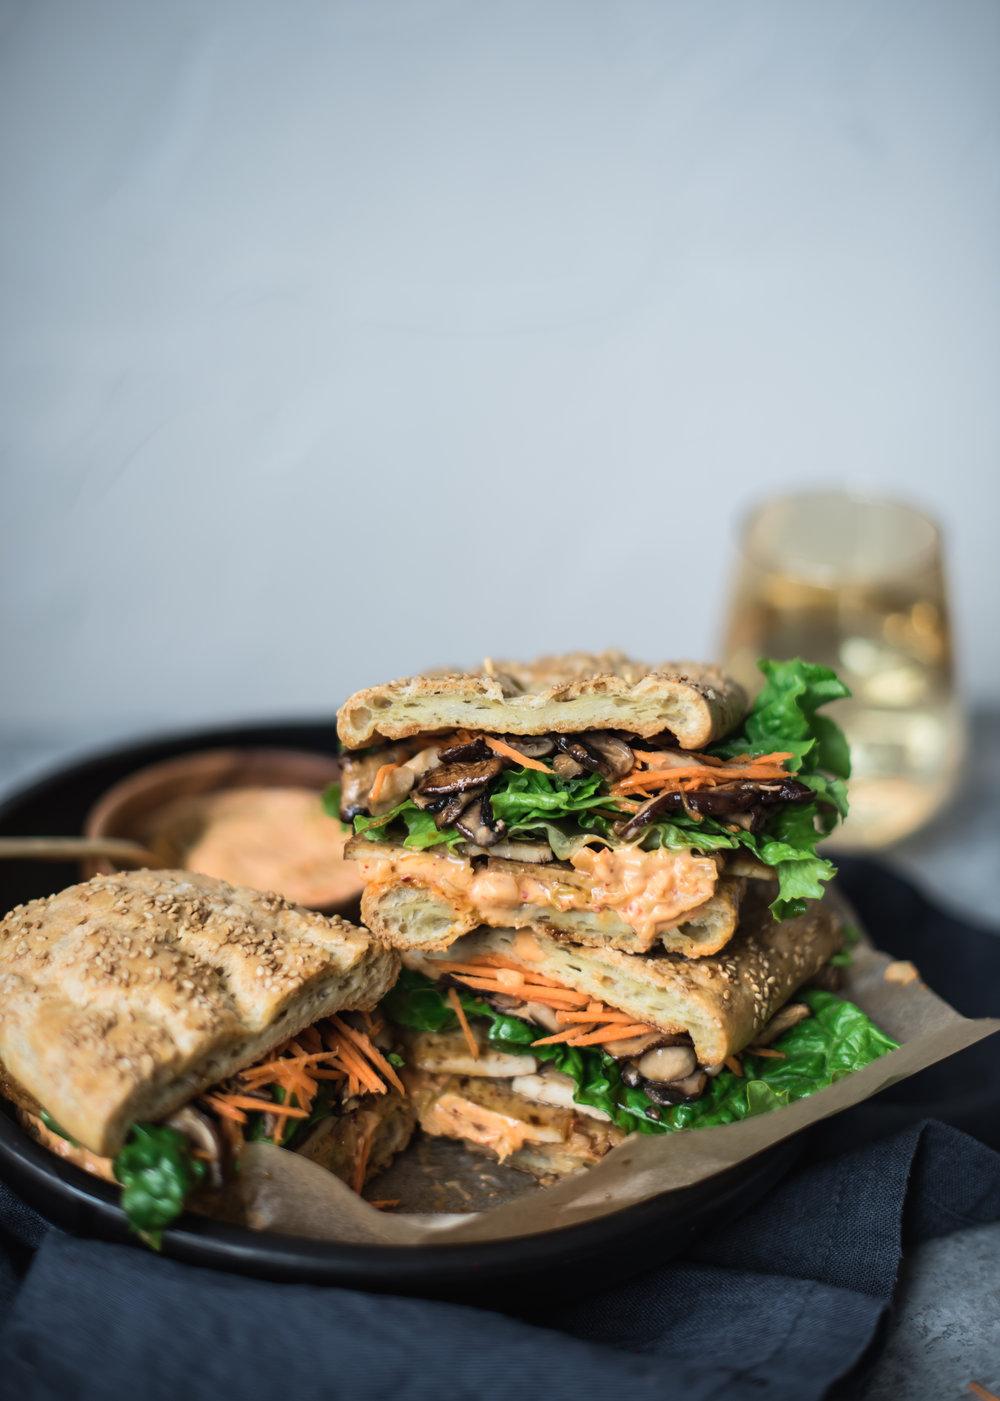 bulgolgi mushroom tofu sandwich kimchi mayo-5798-2.jpg